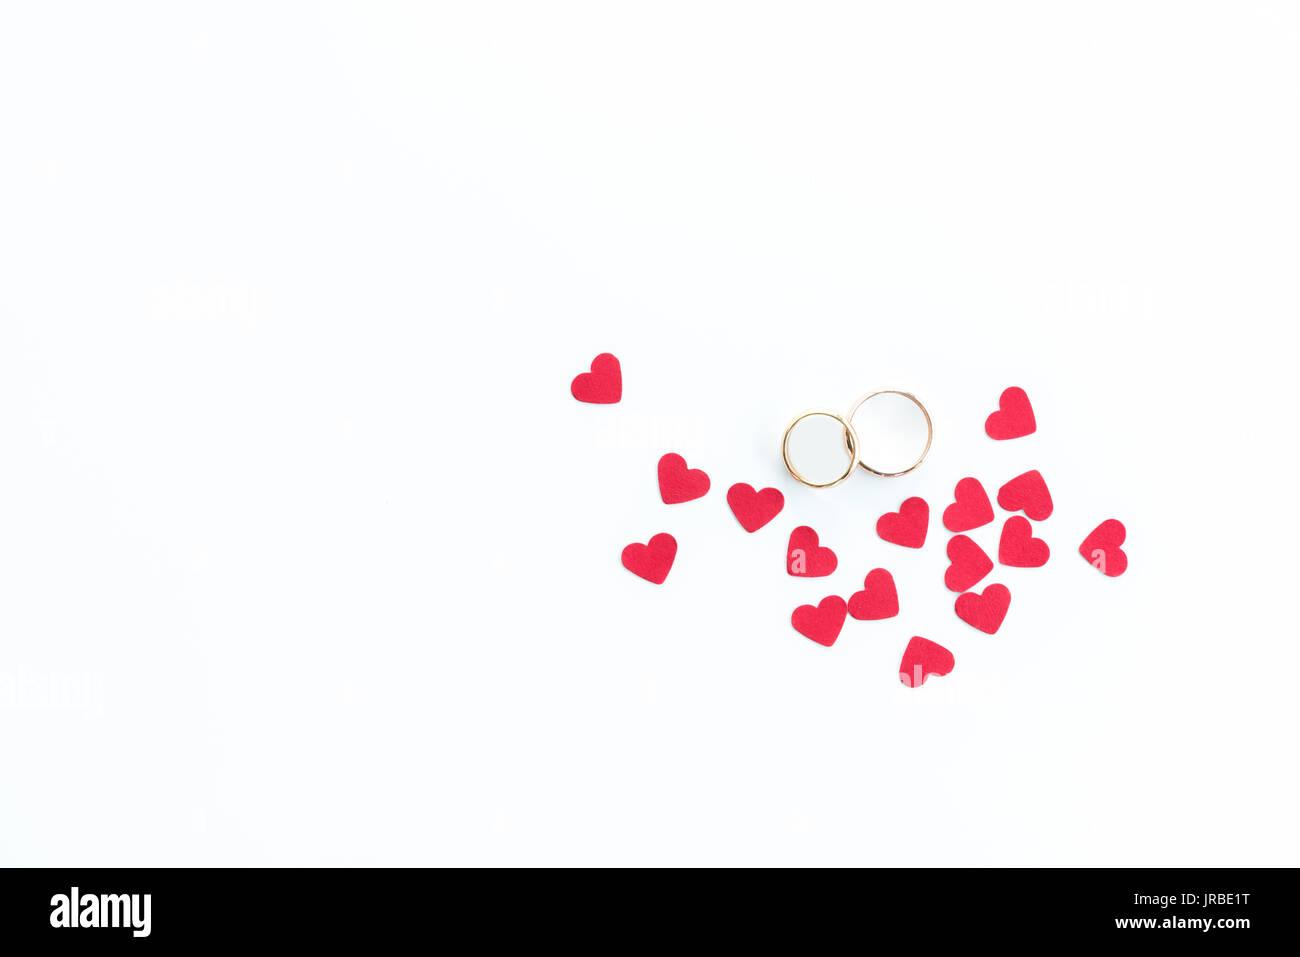 Draufsicht Der Goldene Hochzeit Ringe Und Rosa Herzen Symbole